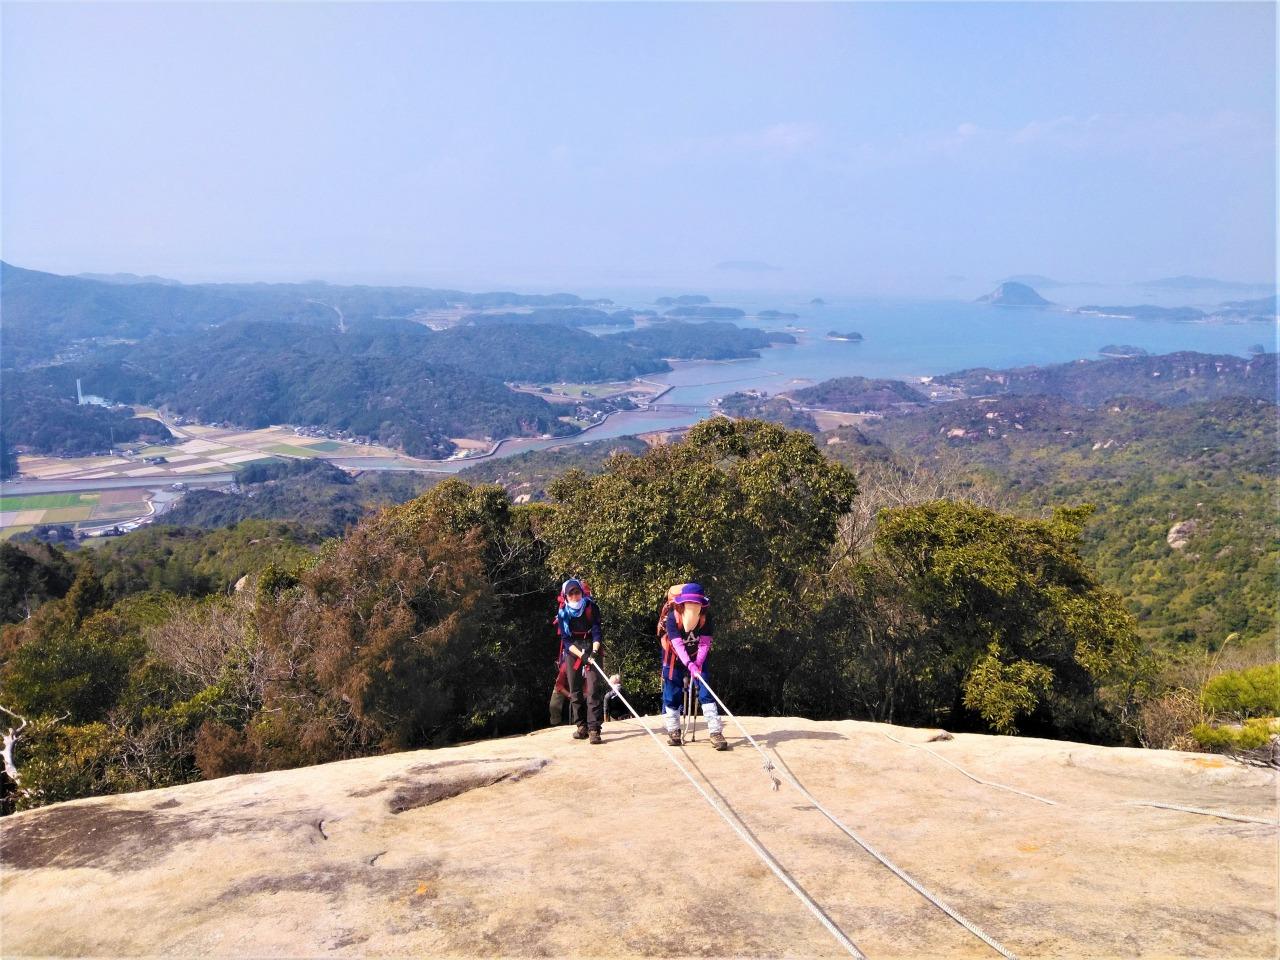 天草を見渡す絶景のピーク、次郎丸嶽山頂直下